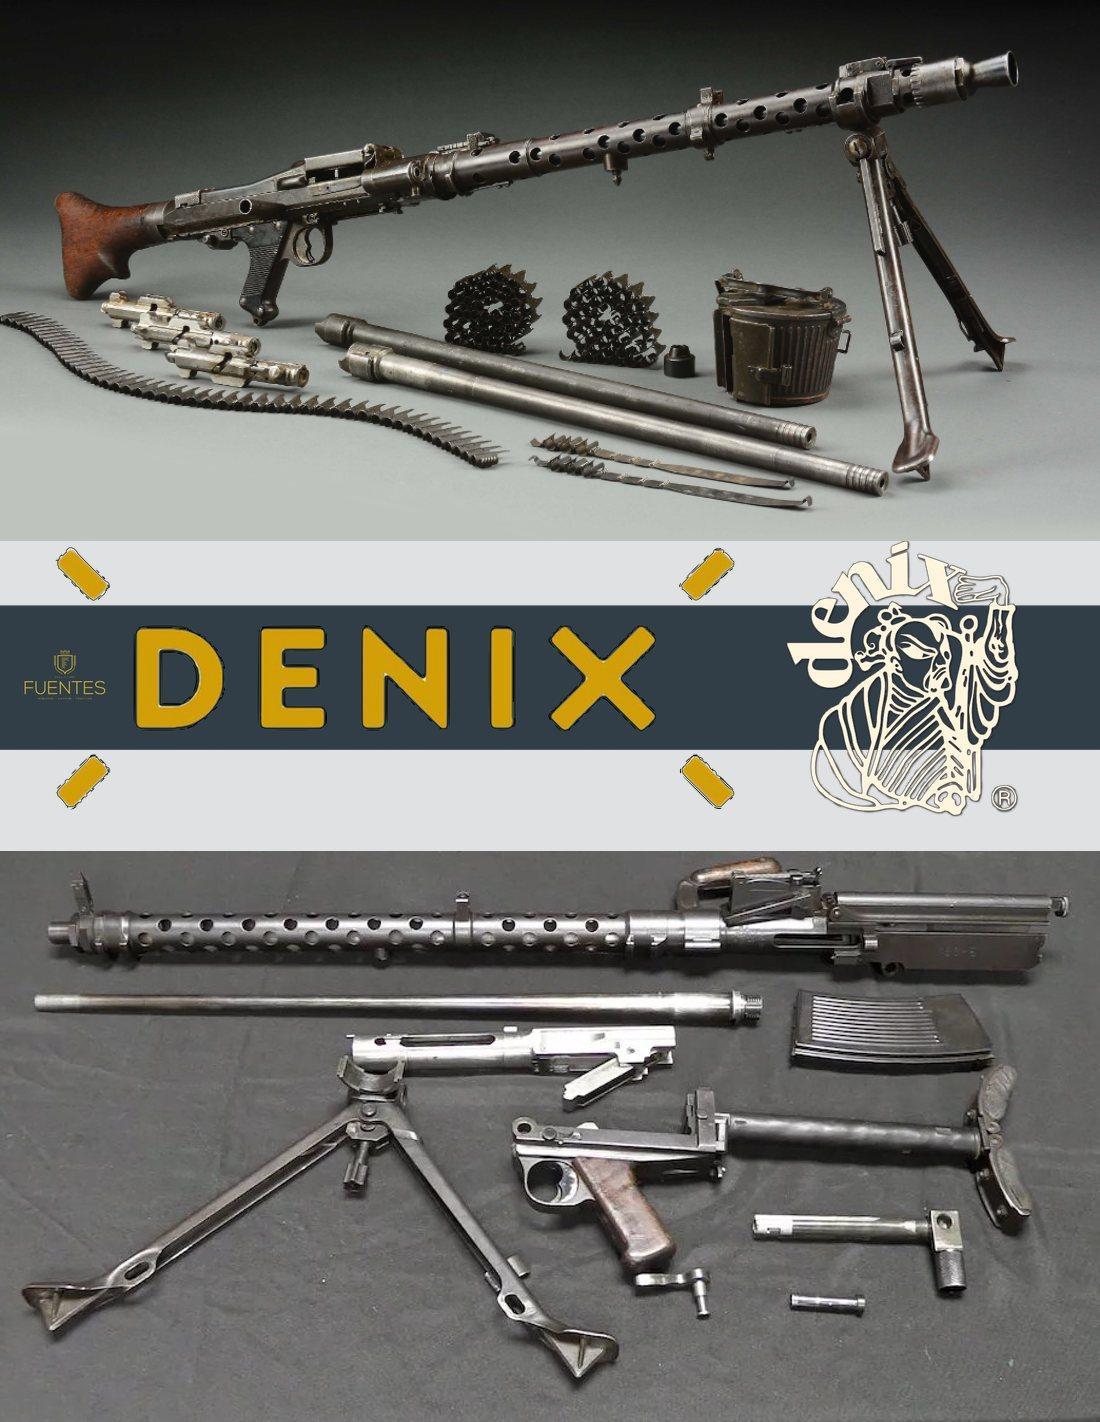 Mg34 denix 05 1